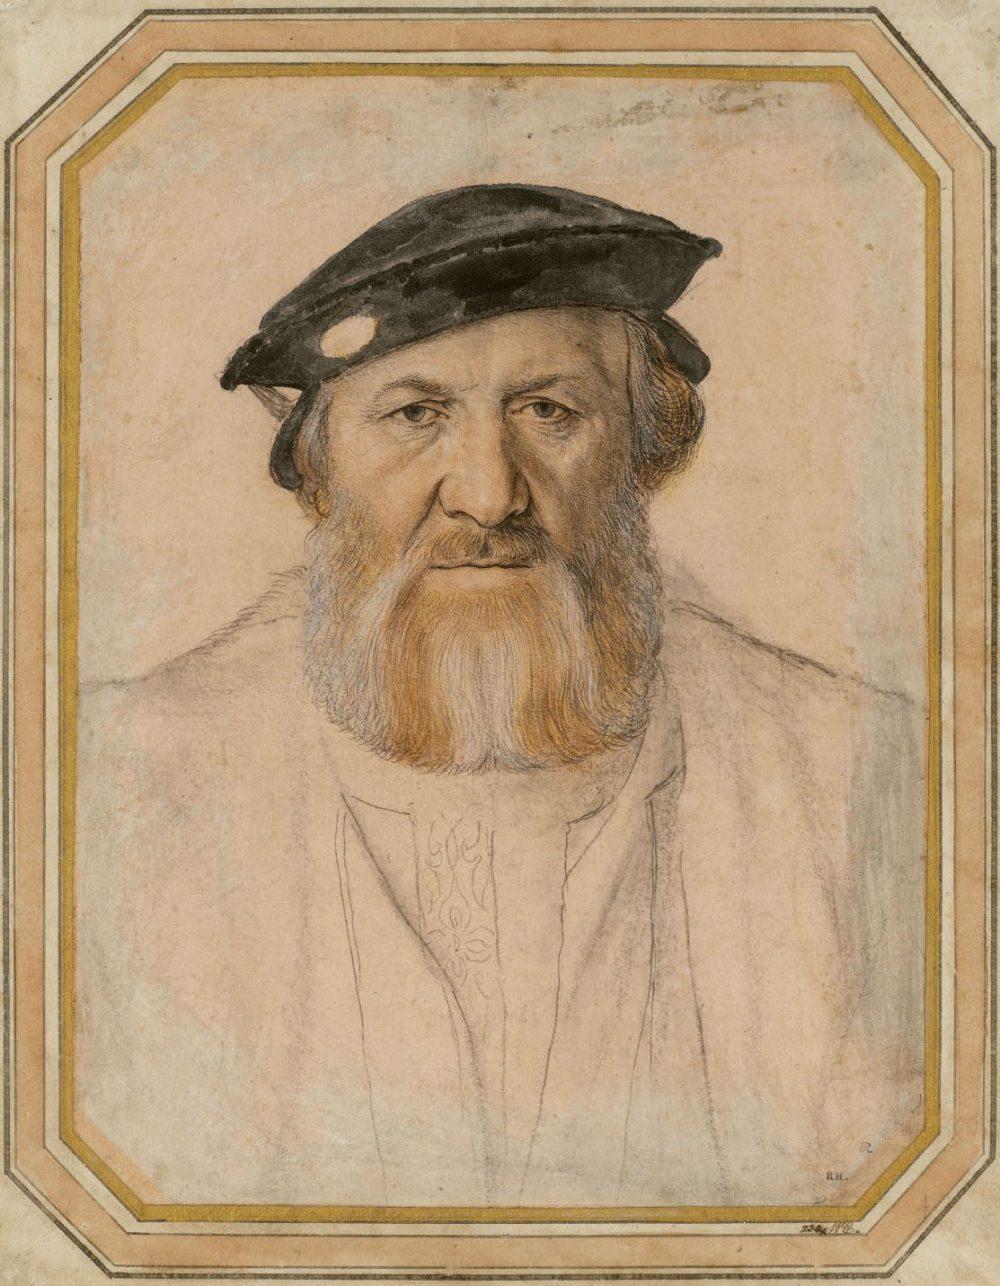 Bildnis des Charles de Solier, Sieur de Morette